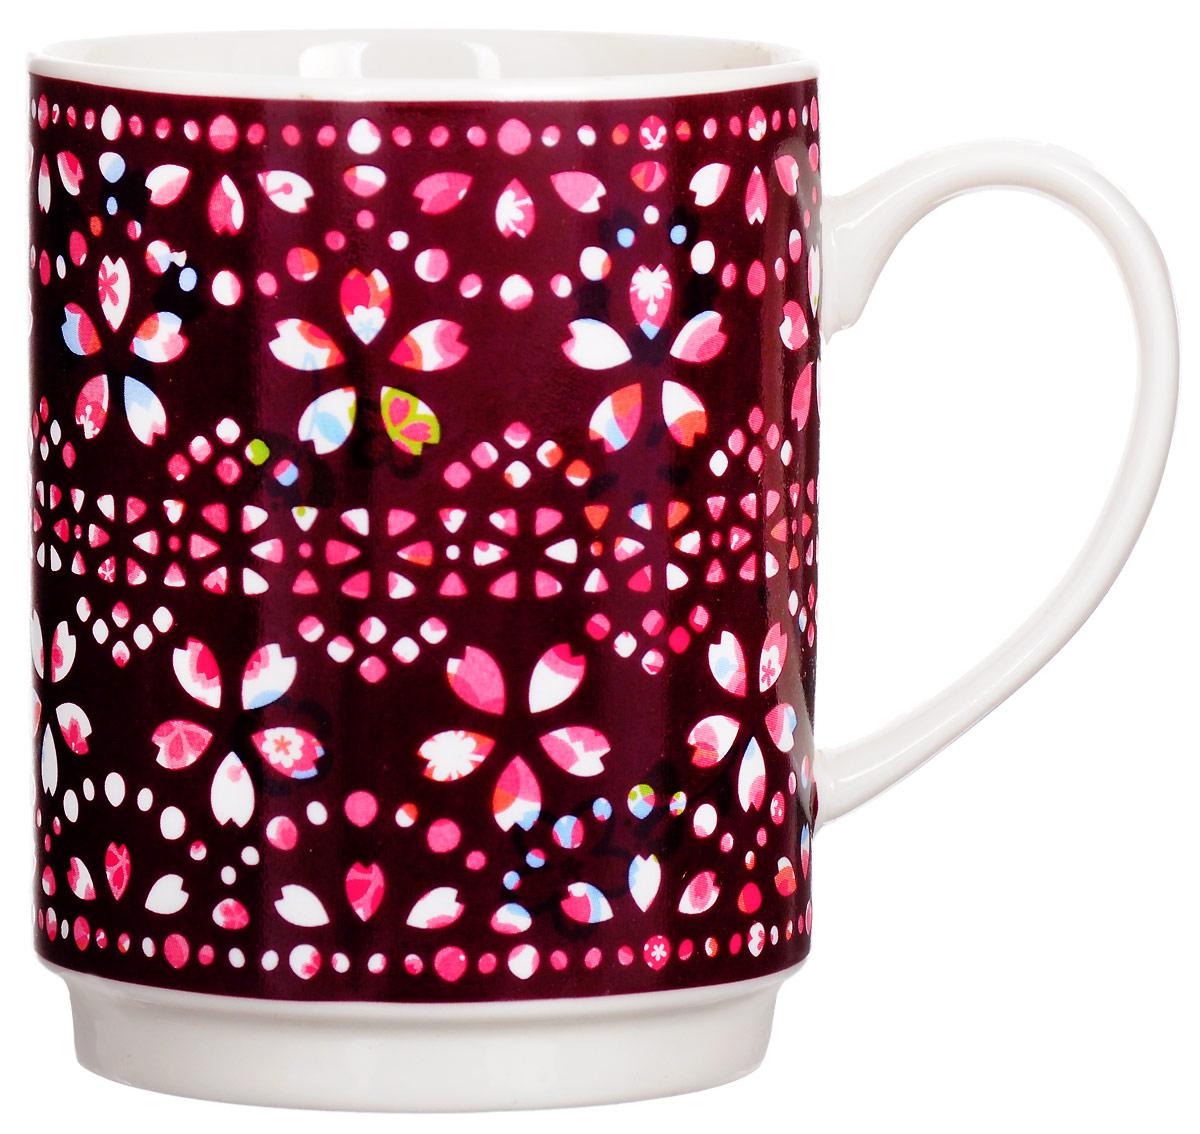 """Кружка """"Bohmann"""" изготовлена из высококачественного фарфора и оформлена красочным  цветочным узором. При нагревании или при заполнении горячей водой кружка меняет рисунок и  цвет.  Оригинальная кружка порадует вас ярким дизайном и станет неизменным атрибутом чаепития.  Прекрасно подойдет в качестве сувенира.  Диаметр кружки: 7,5 см.  Высота: 9,5 см."""